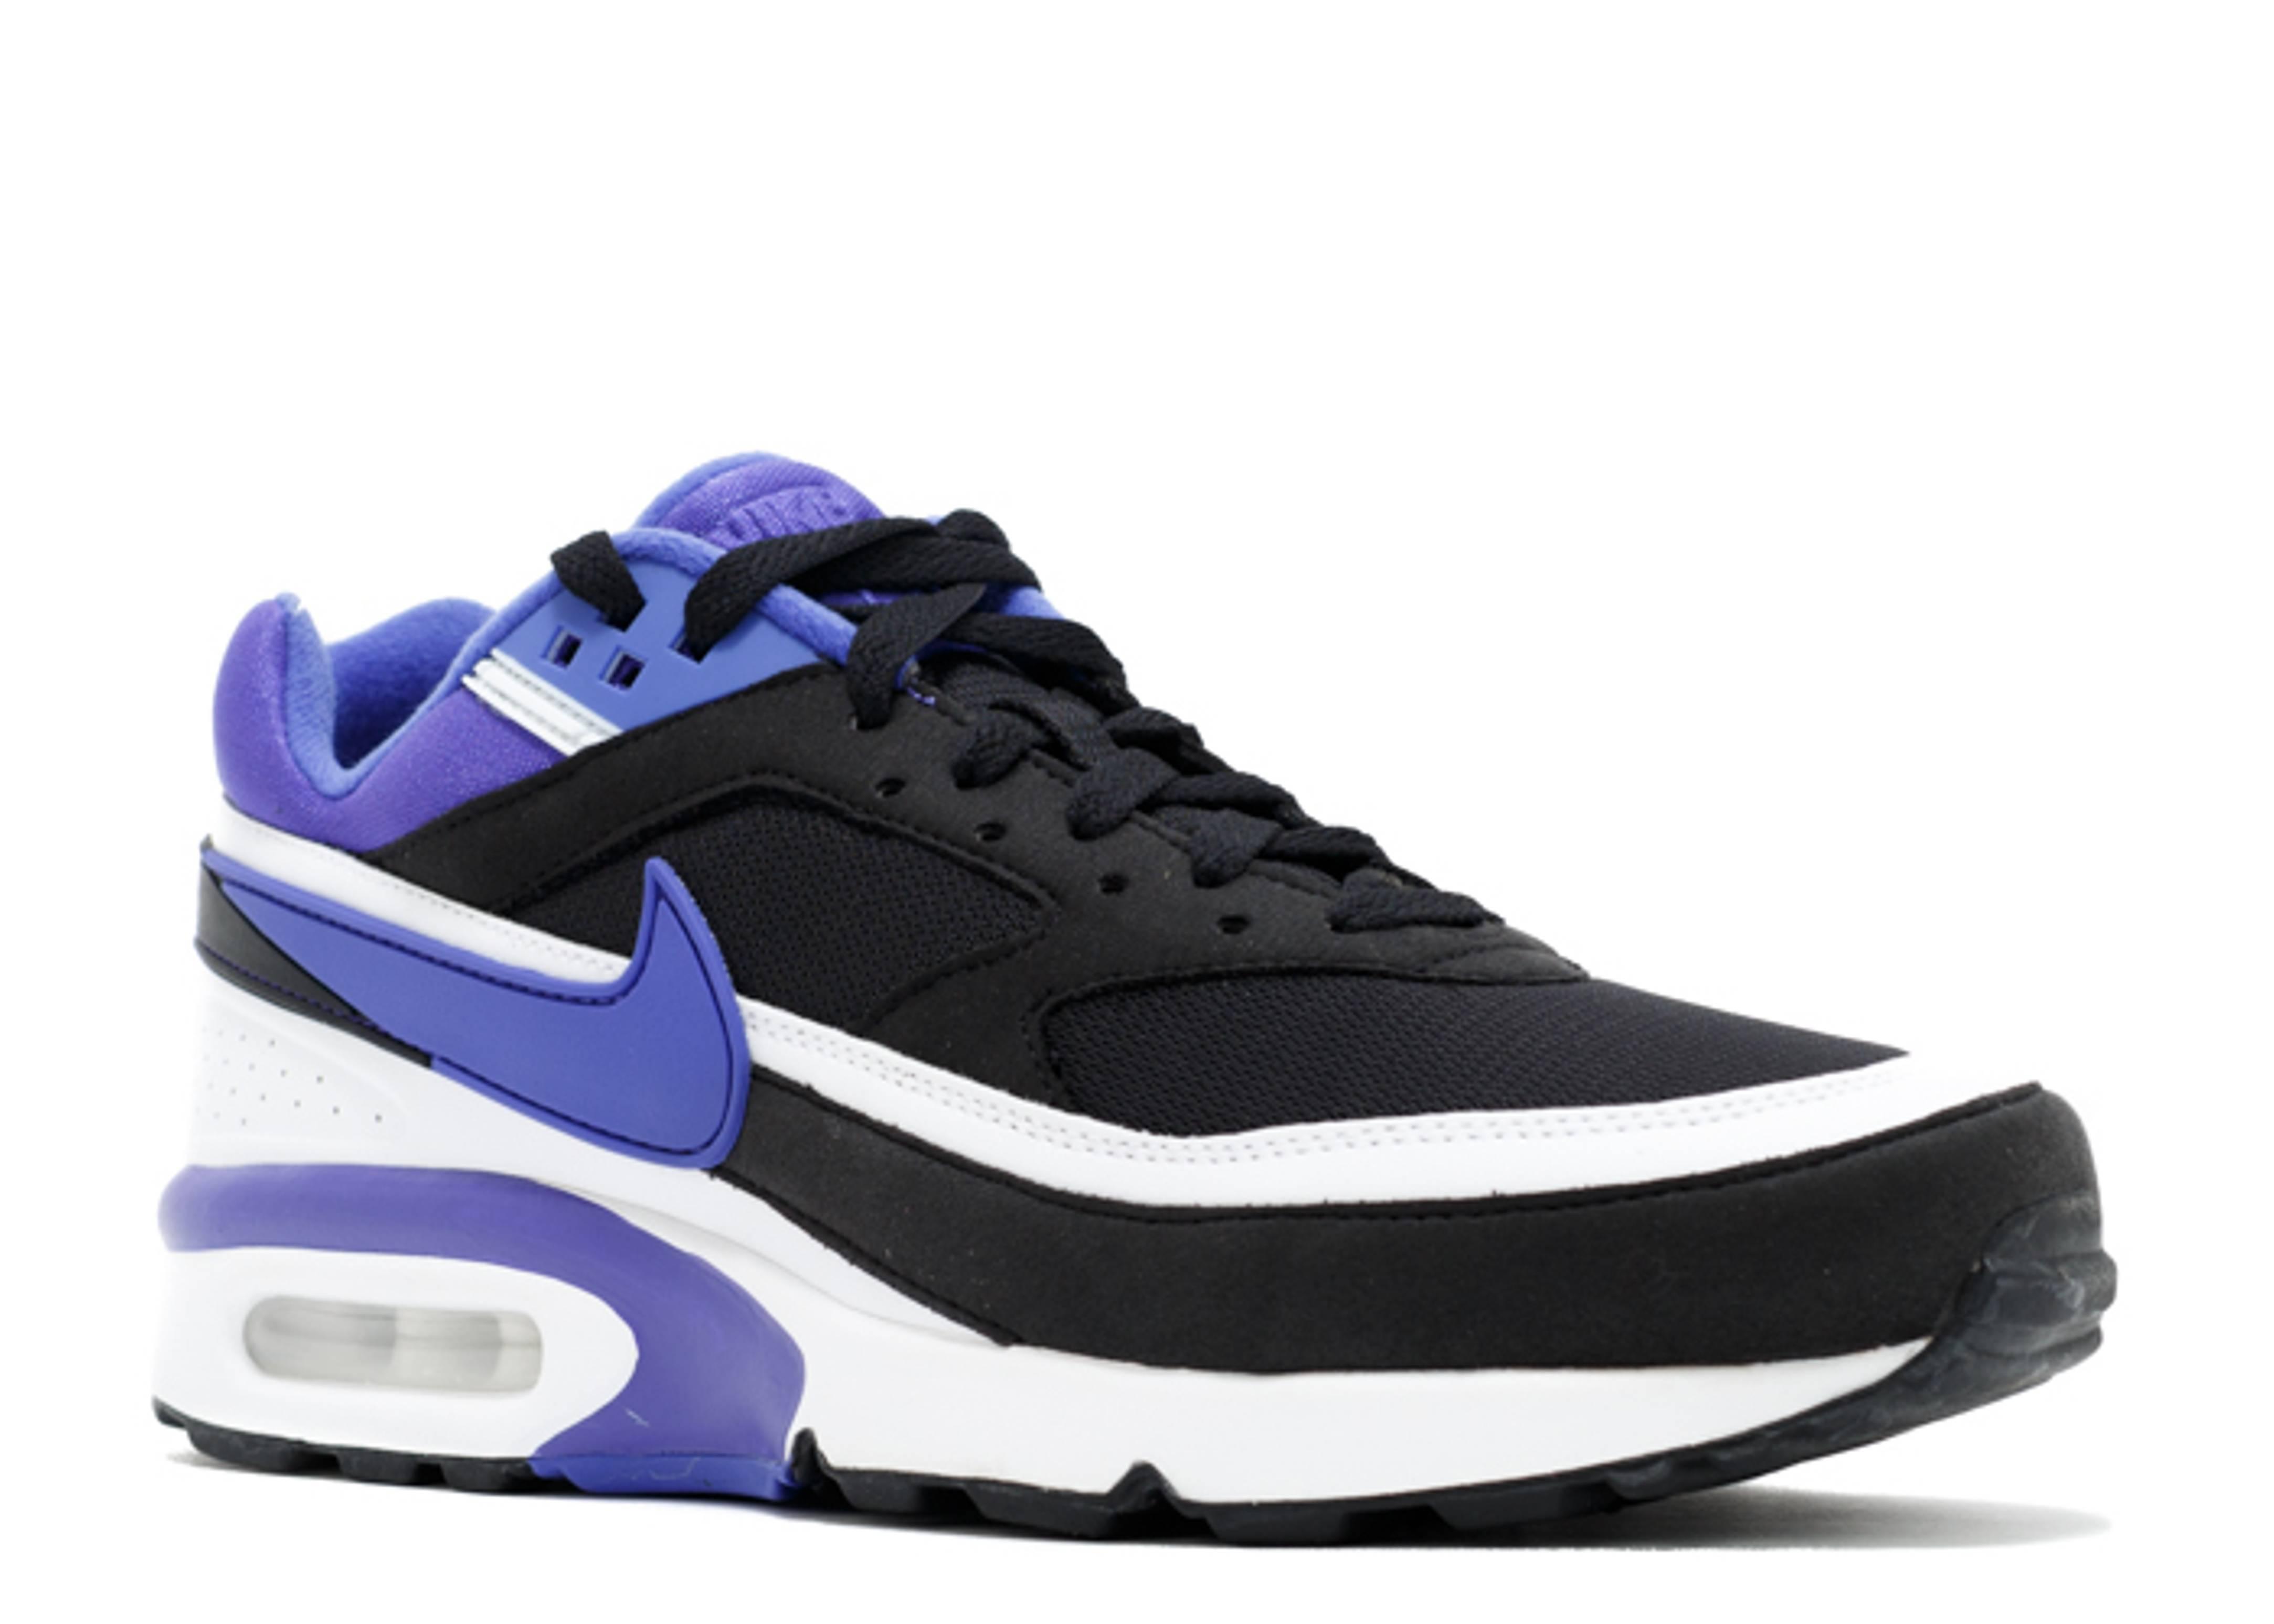 ... nike. air max bw og Nike Air Max BW Premium (Black Persian Violet) ... d9d3956ce